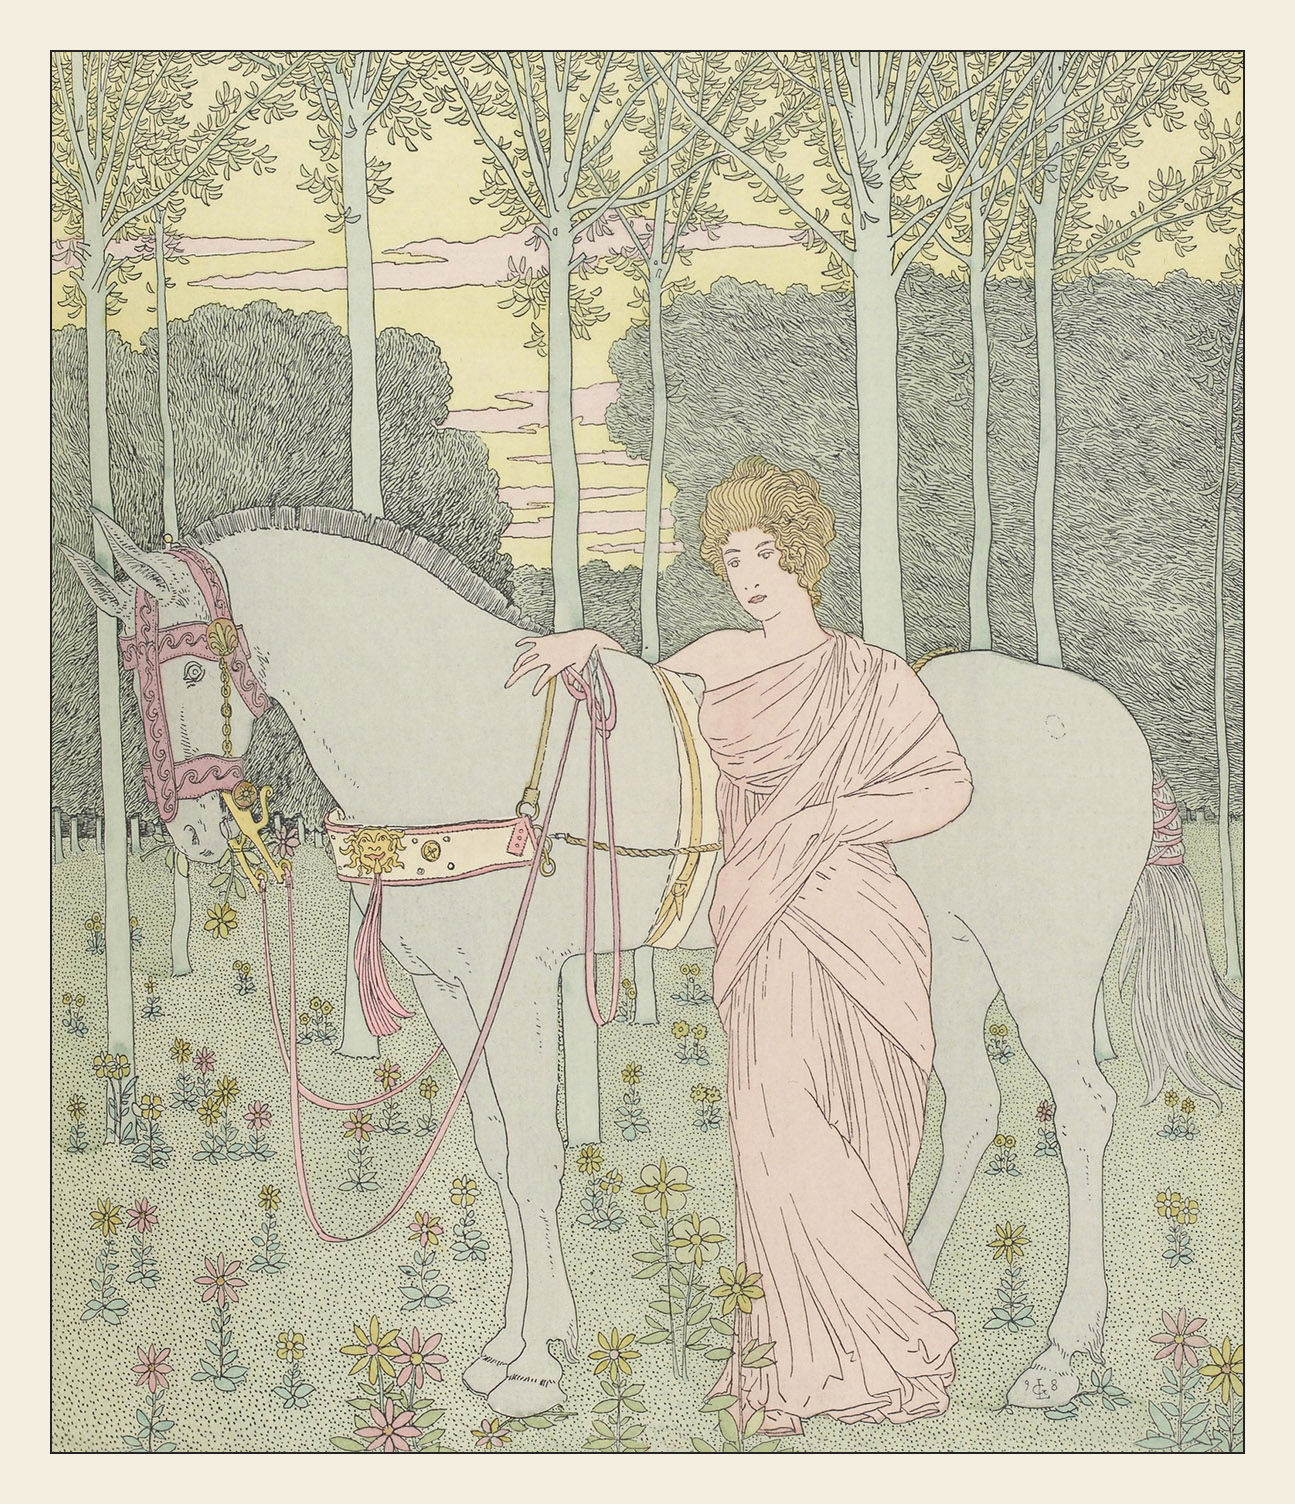 Gaston de Latenay, Nausikaa